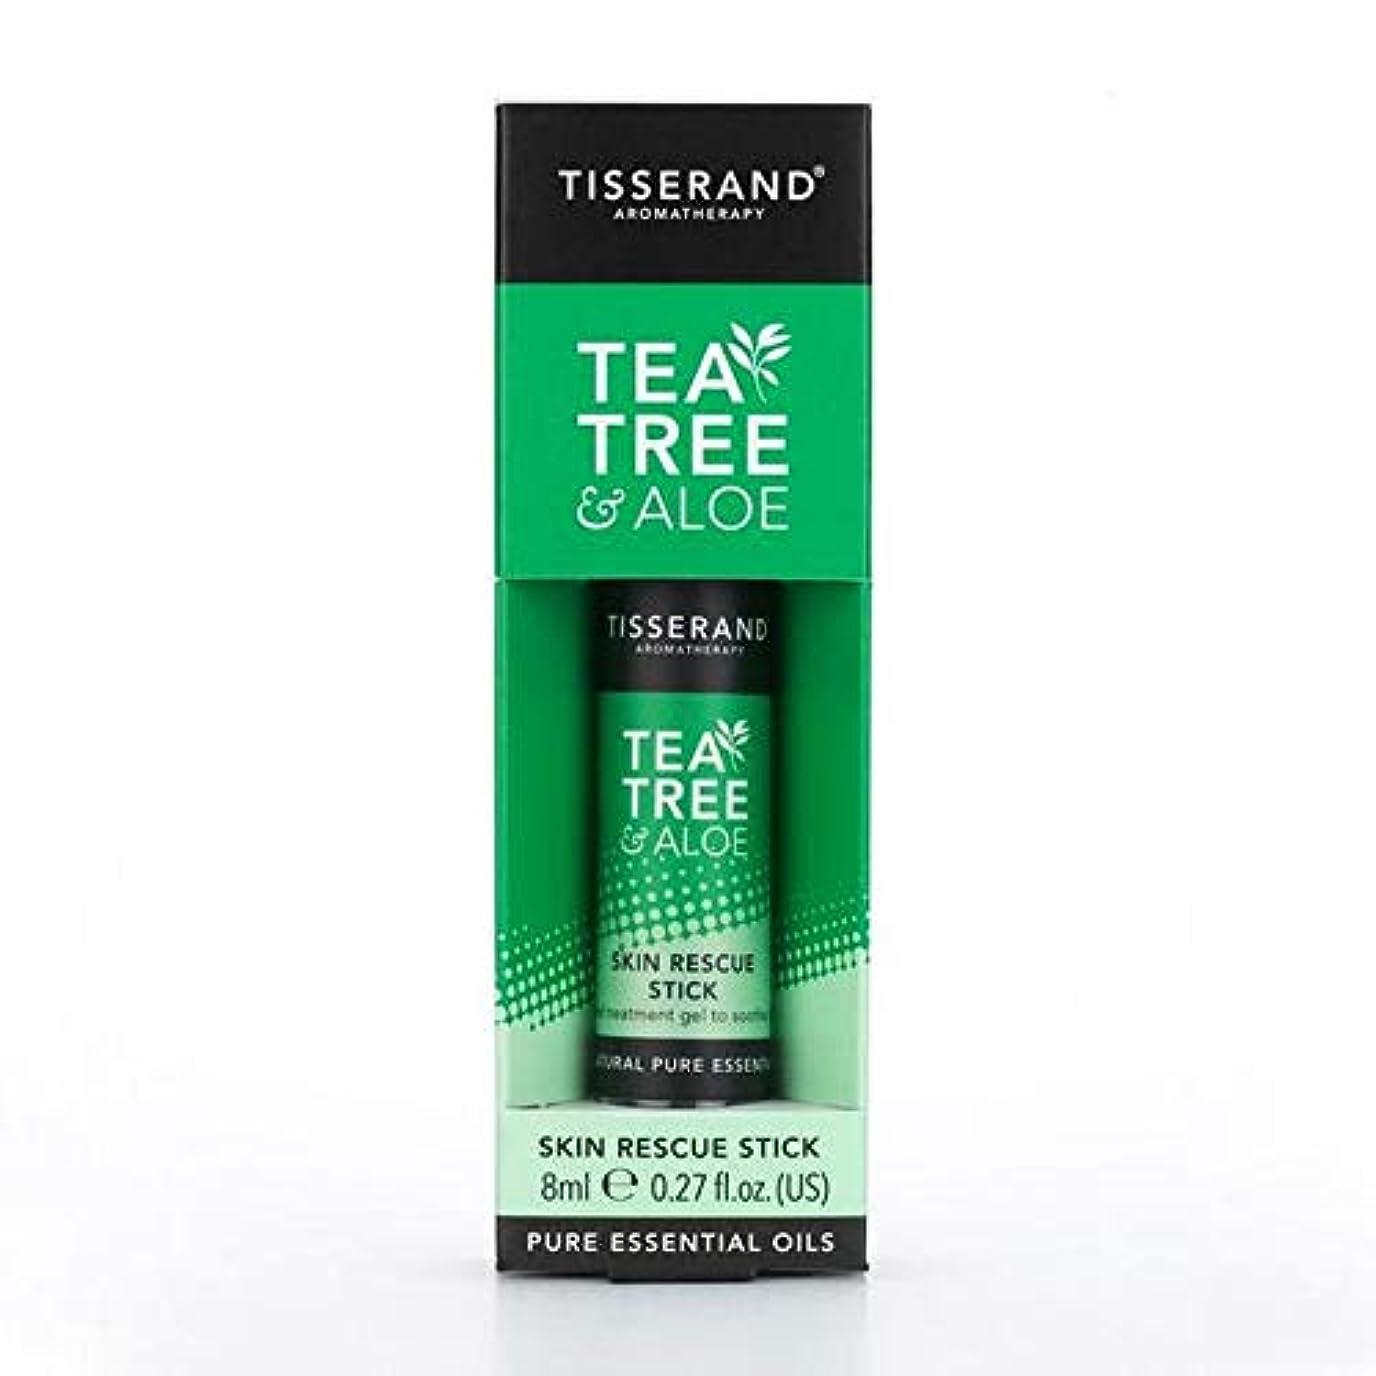 楽な自治放棄する[Tisserand] ティスランドティーツリー&アロエレスキュースティック8ミリリットル - Tisserand Tea Tree & Aloe Rescue Stick 8ml [並行輸入品]